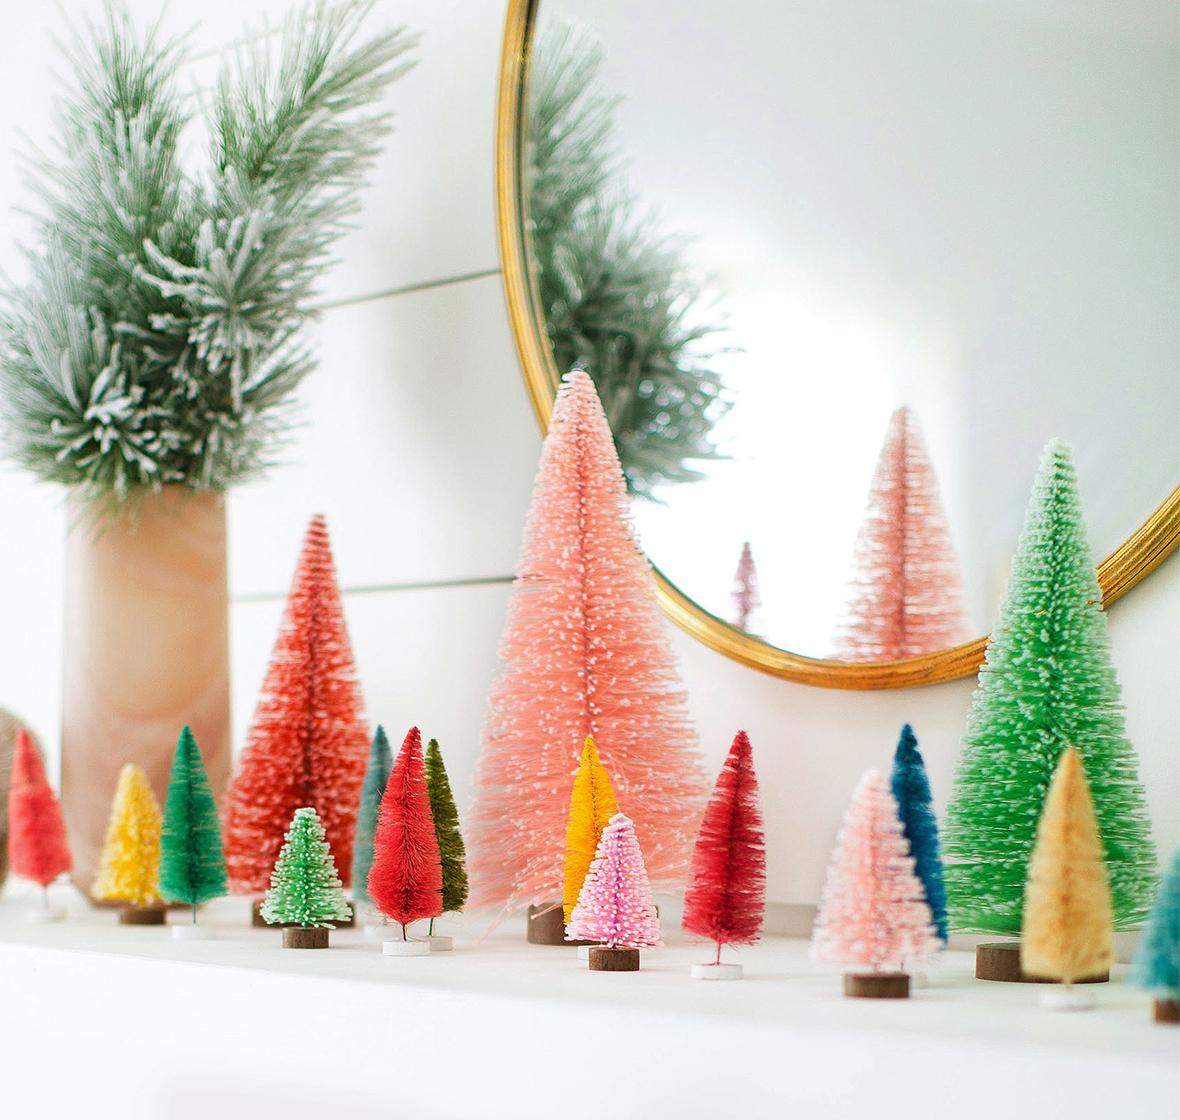 colorful bottlebrush trees on mantel